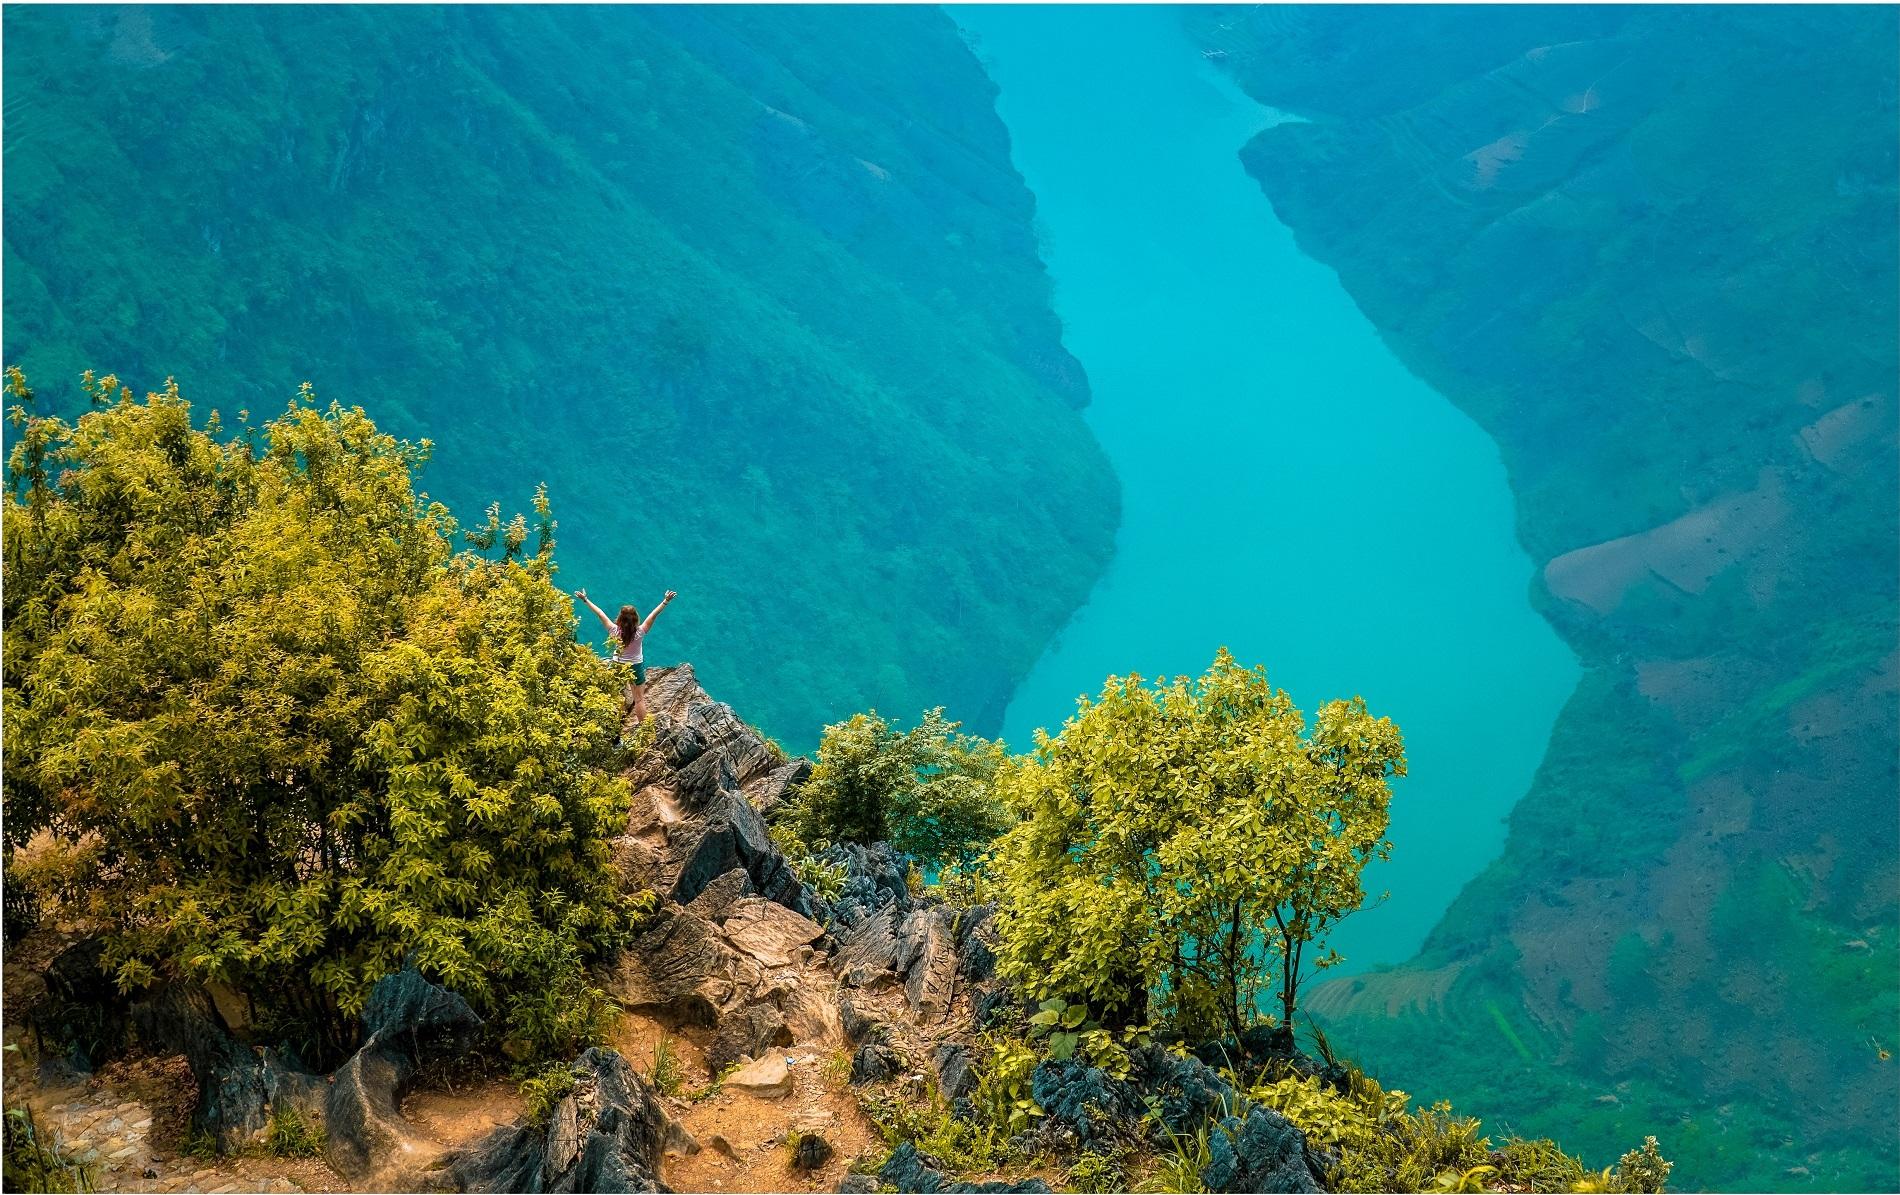 Sông Nho Quế nhìn từ trên cao. Ảnh: Chris Bui/Shutterstock.